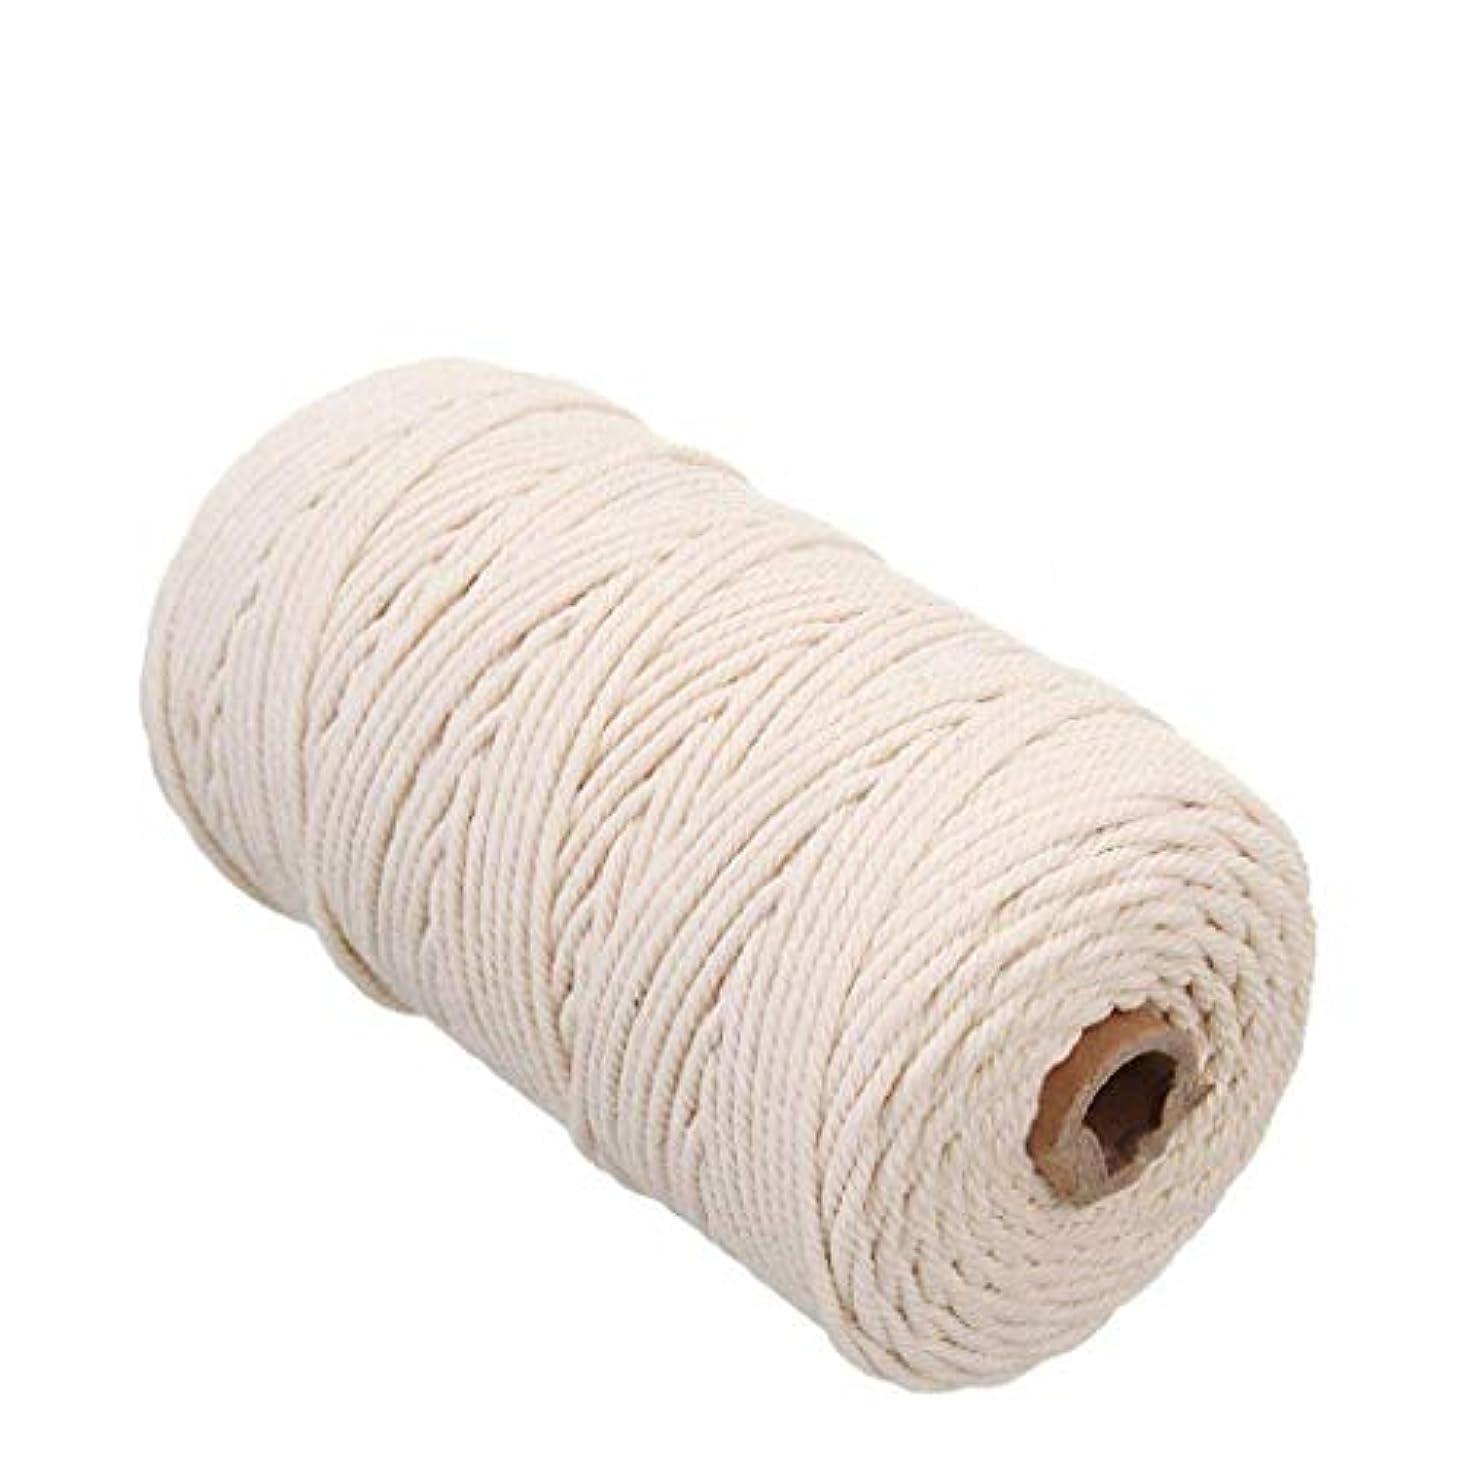 自然公園インターネット涙が出る手作りコットン糸 編み 天然コード 紐 綿糸ロープ 壁掛けロープナチュラルカラーニット製造プラントハンガー?クラフト 2mm x 200m (ライスホワイト)